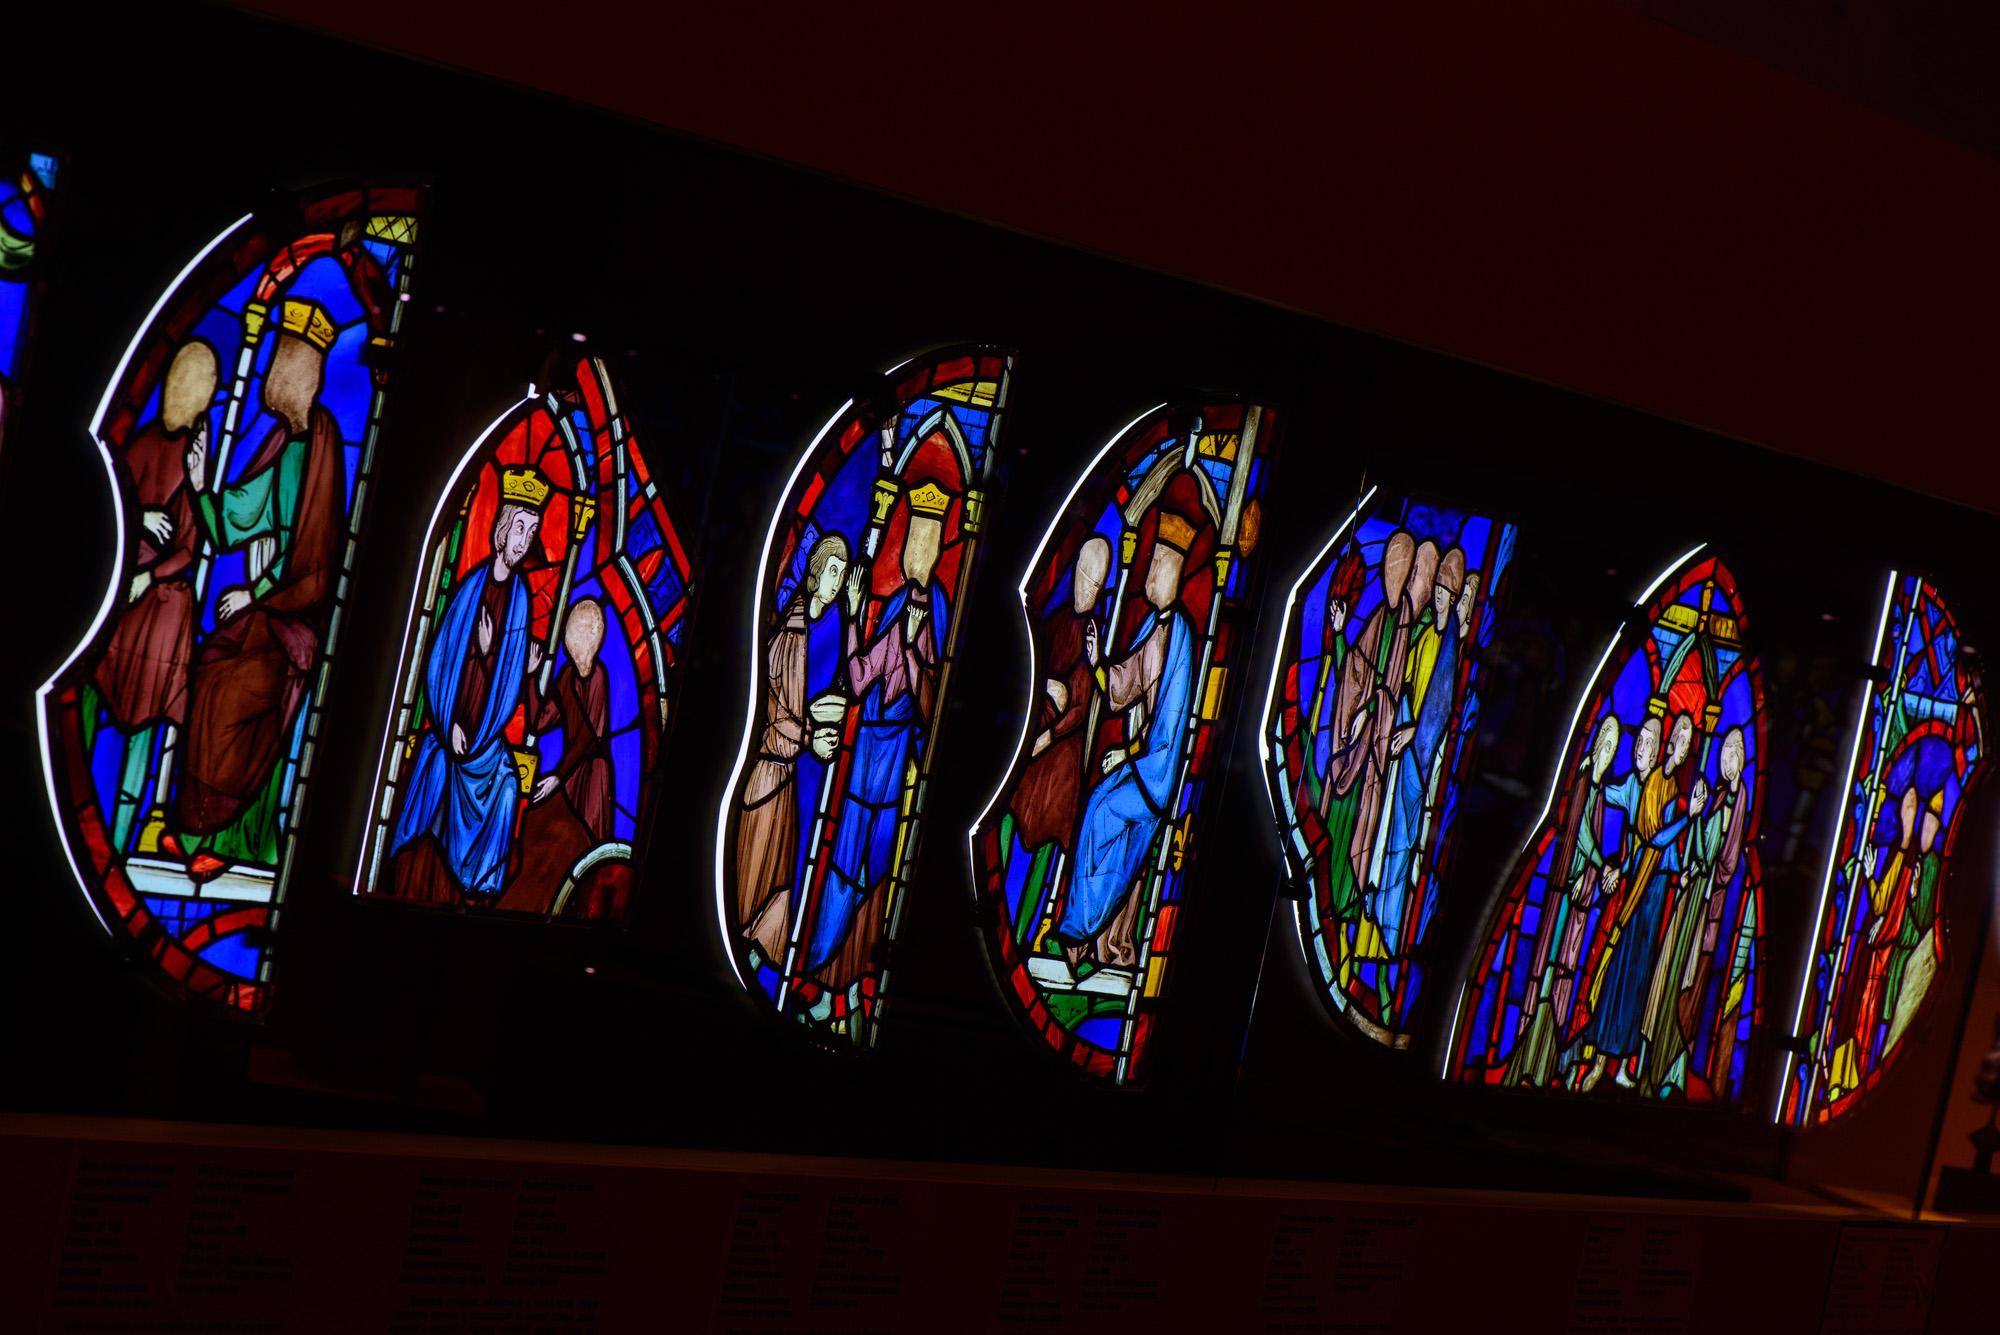 Vitraux de la Sainte-Chapelle  / Service de presse des Musées du Kremlin.